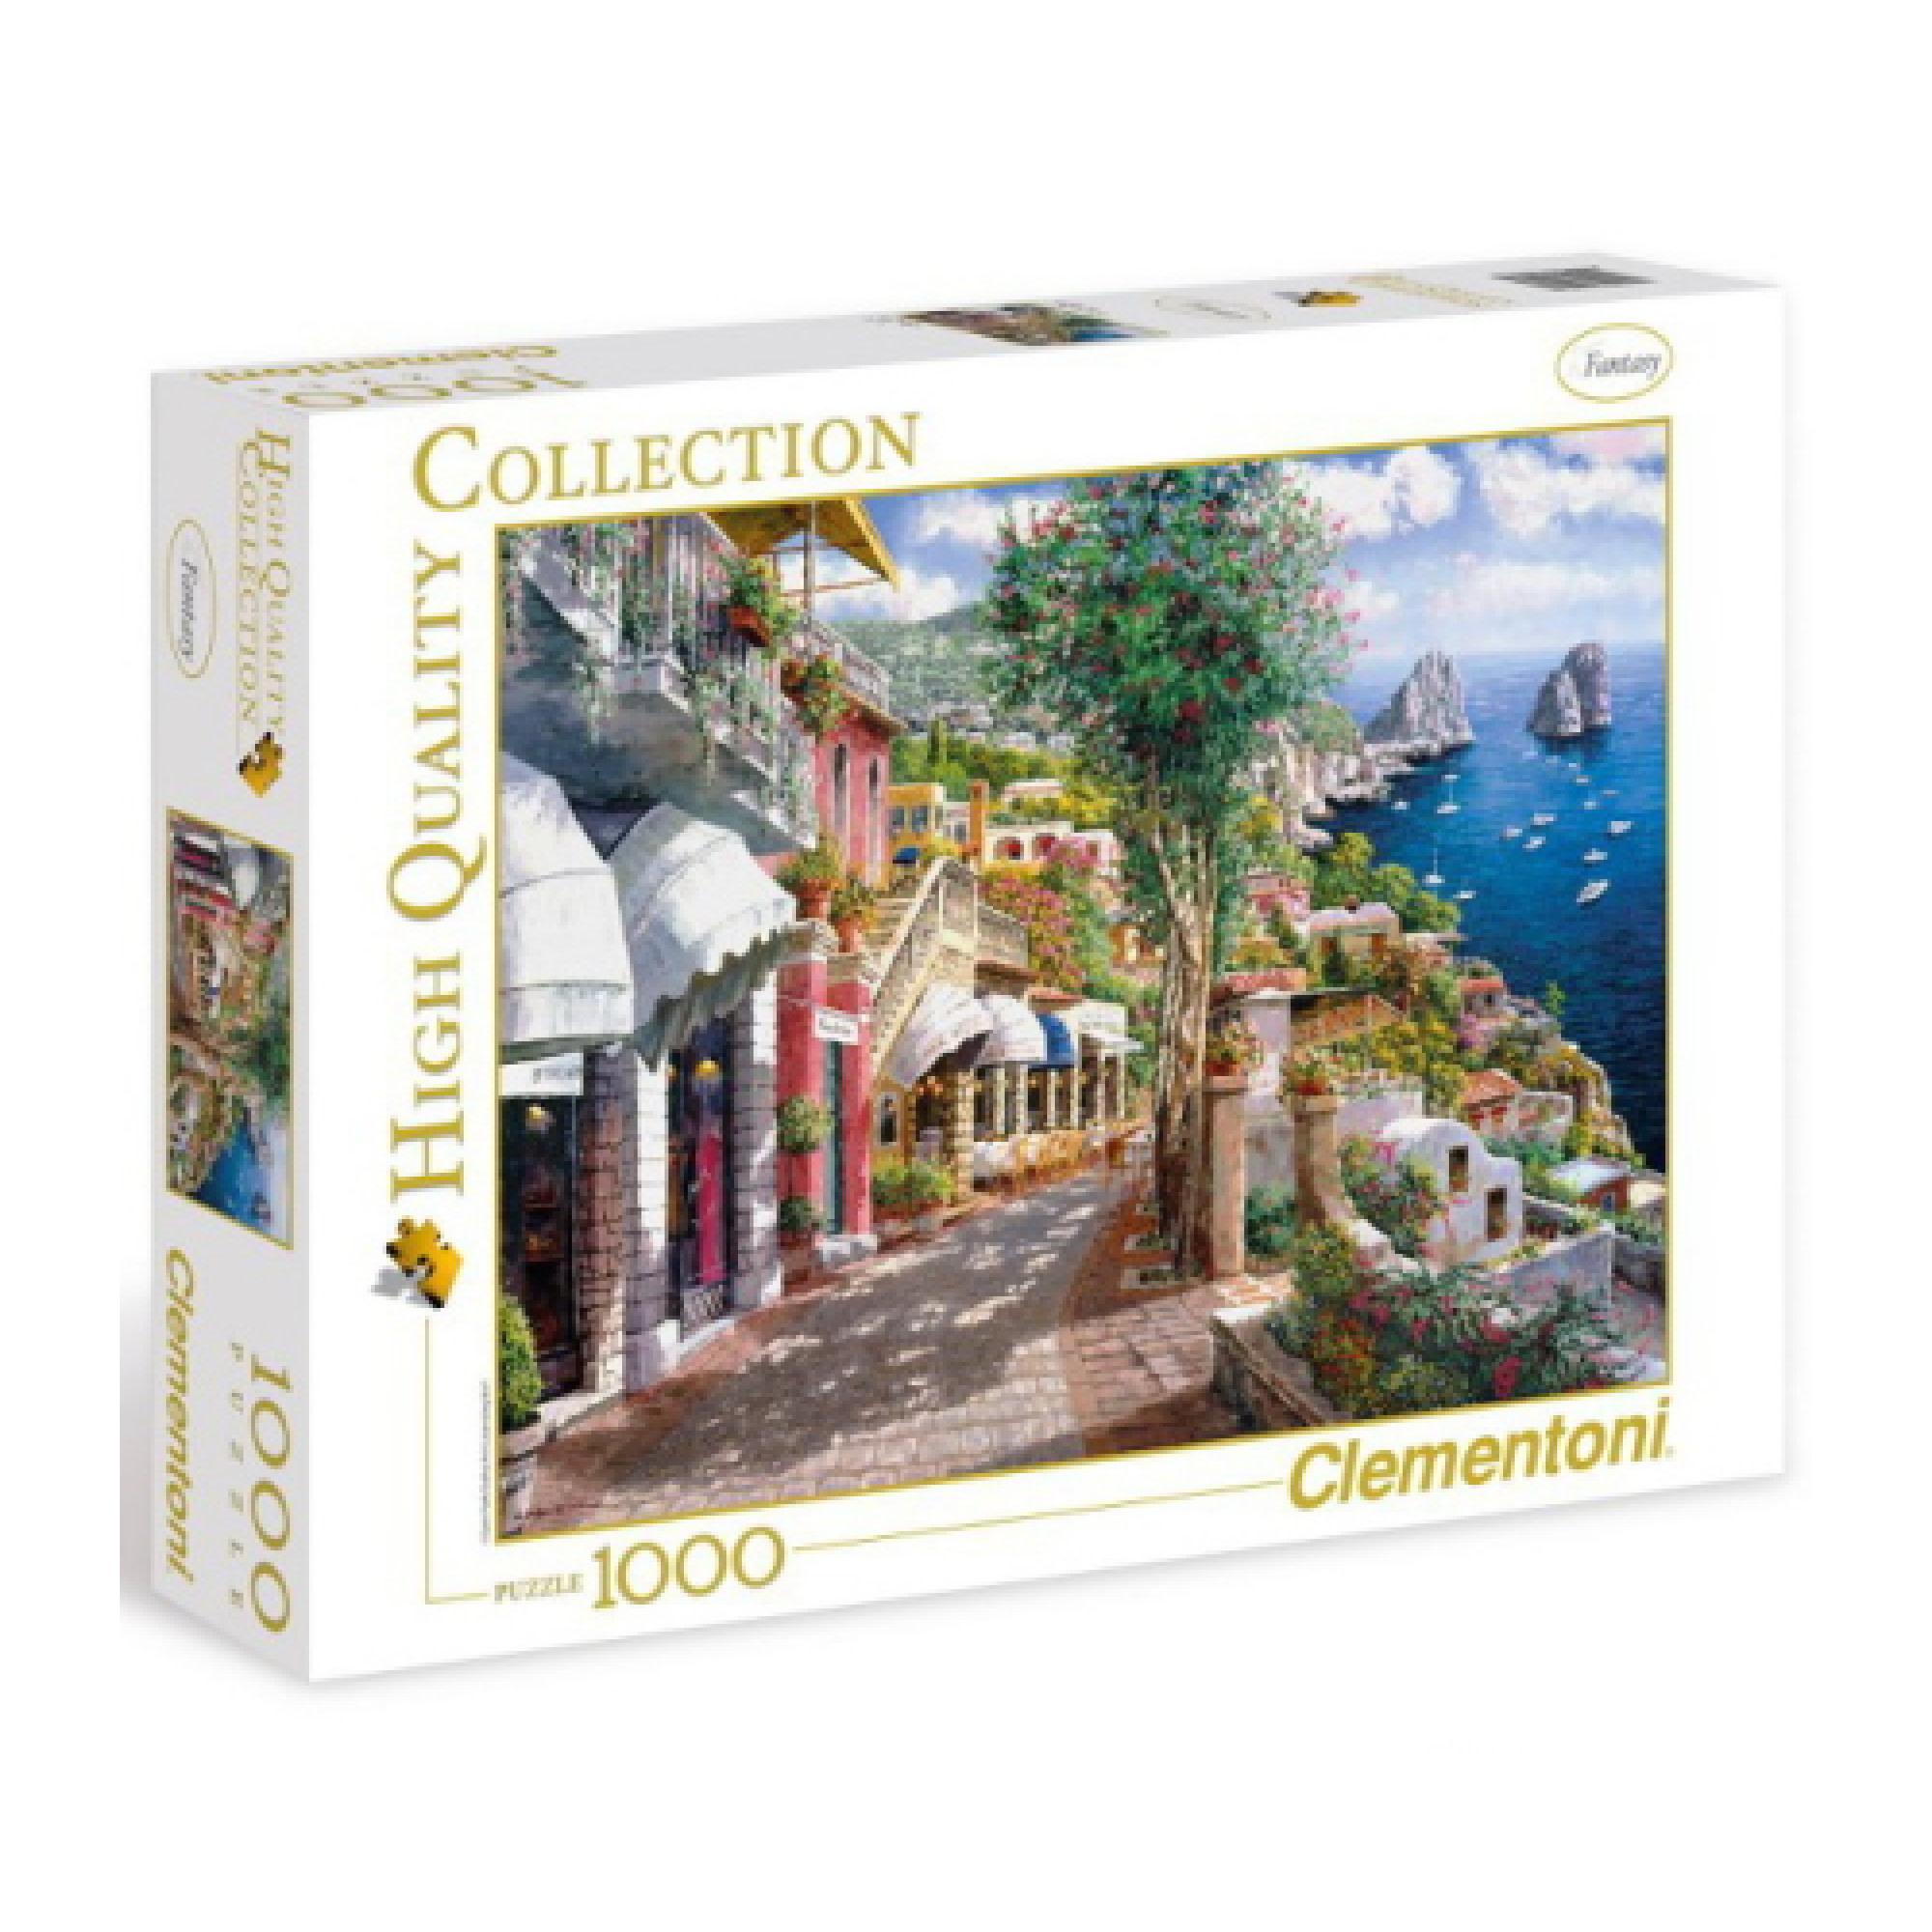 Clementoni Puzzle 1000: Capri